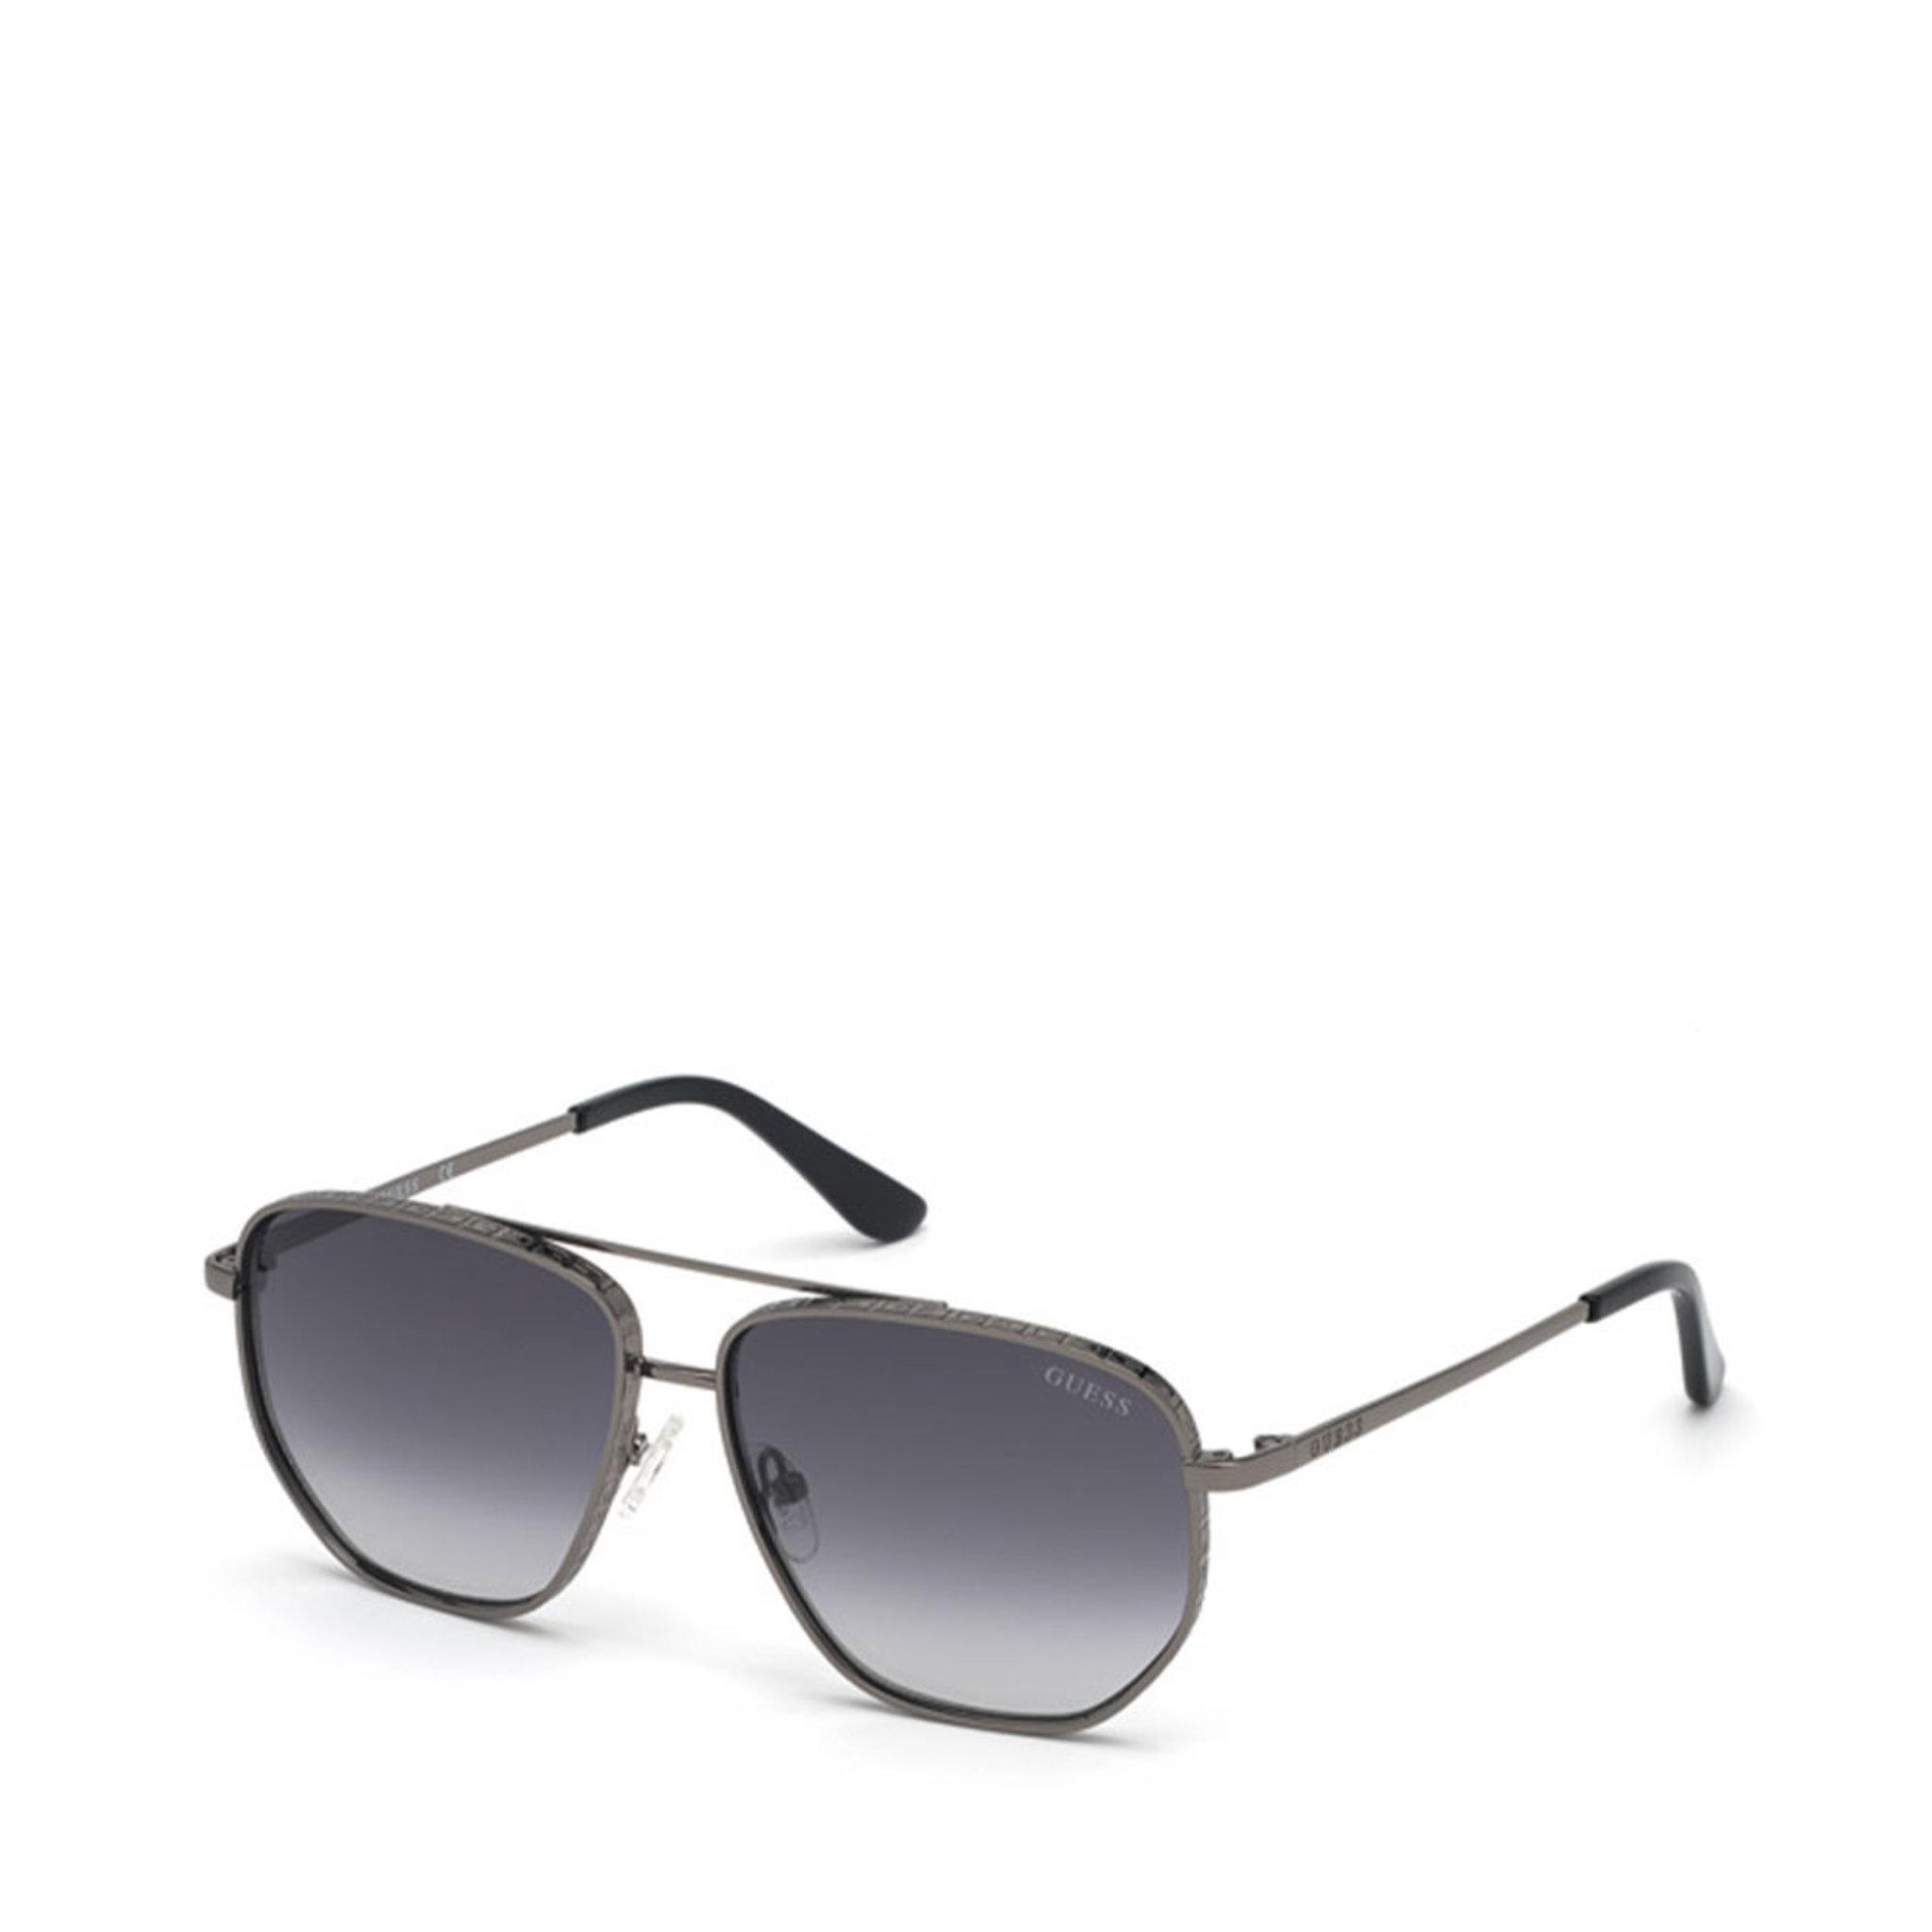 Sunglasses GU7635